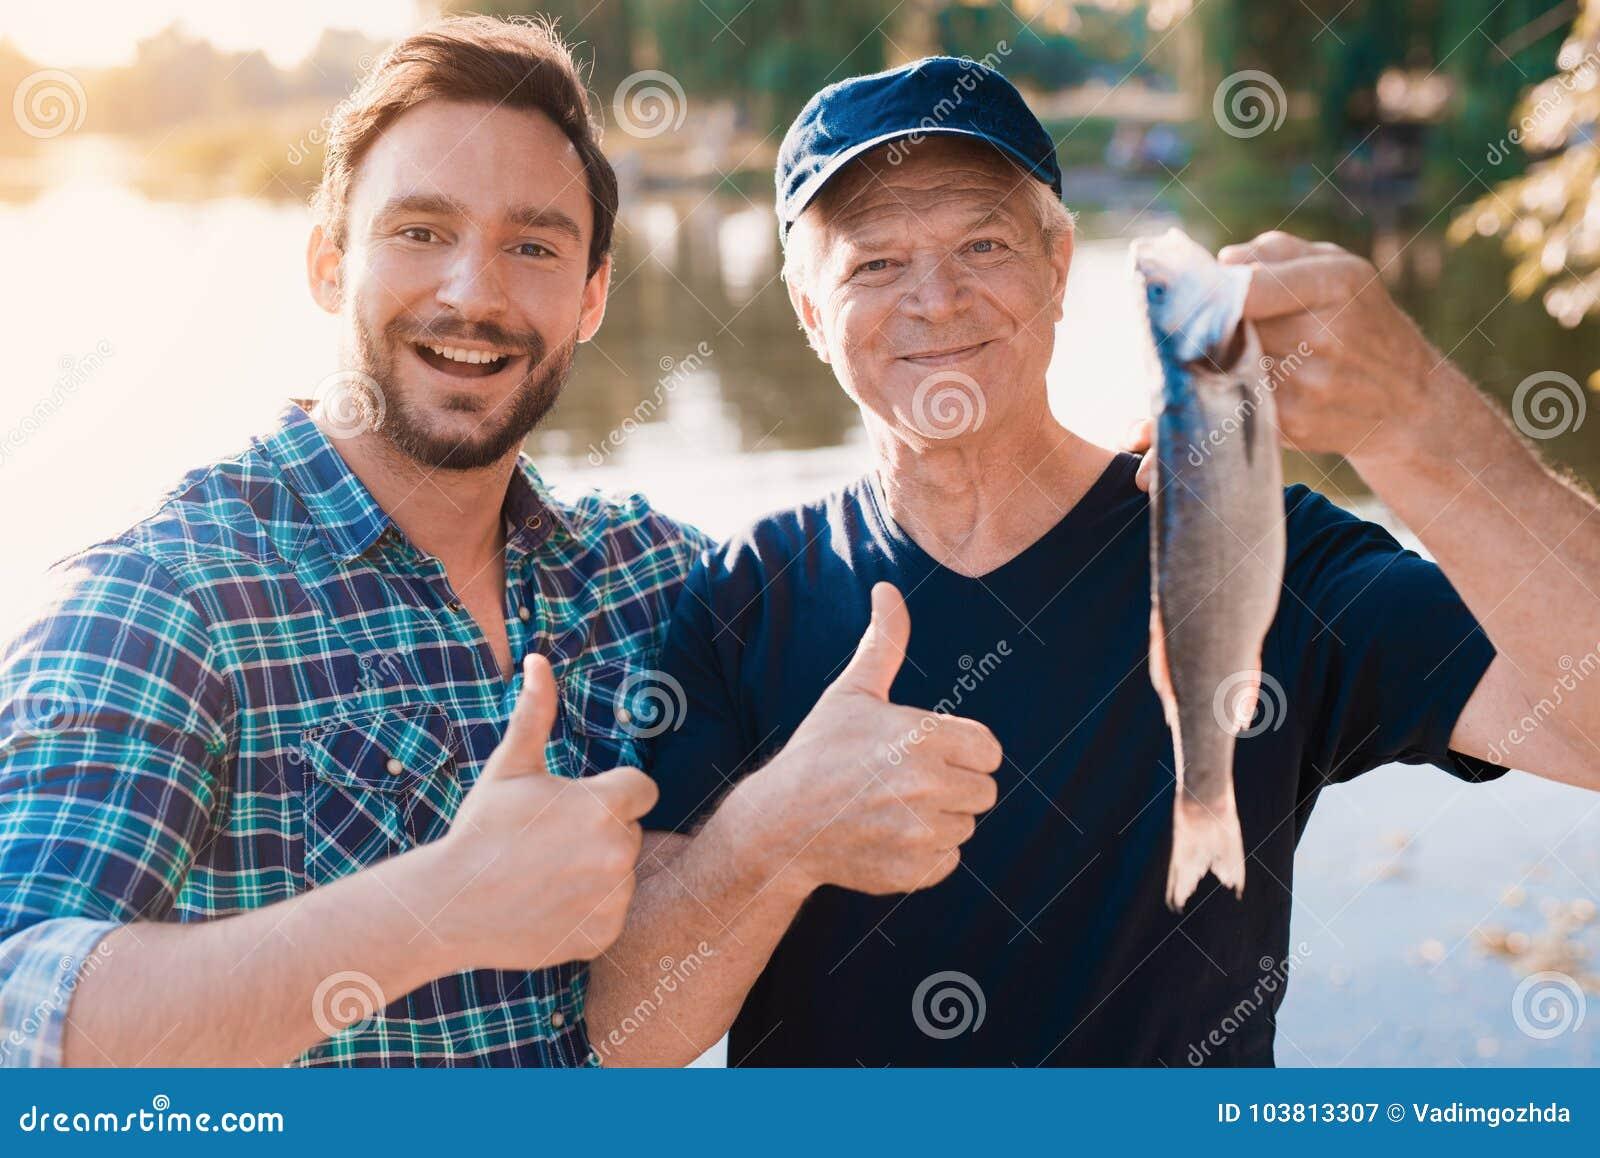 Pulgares para arriba Un hombre se coloca al lado de un viejo hombre que esté sosteniendo un pescado que él acaba de coger